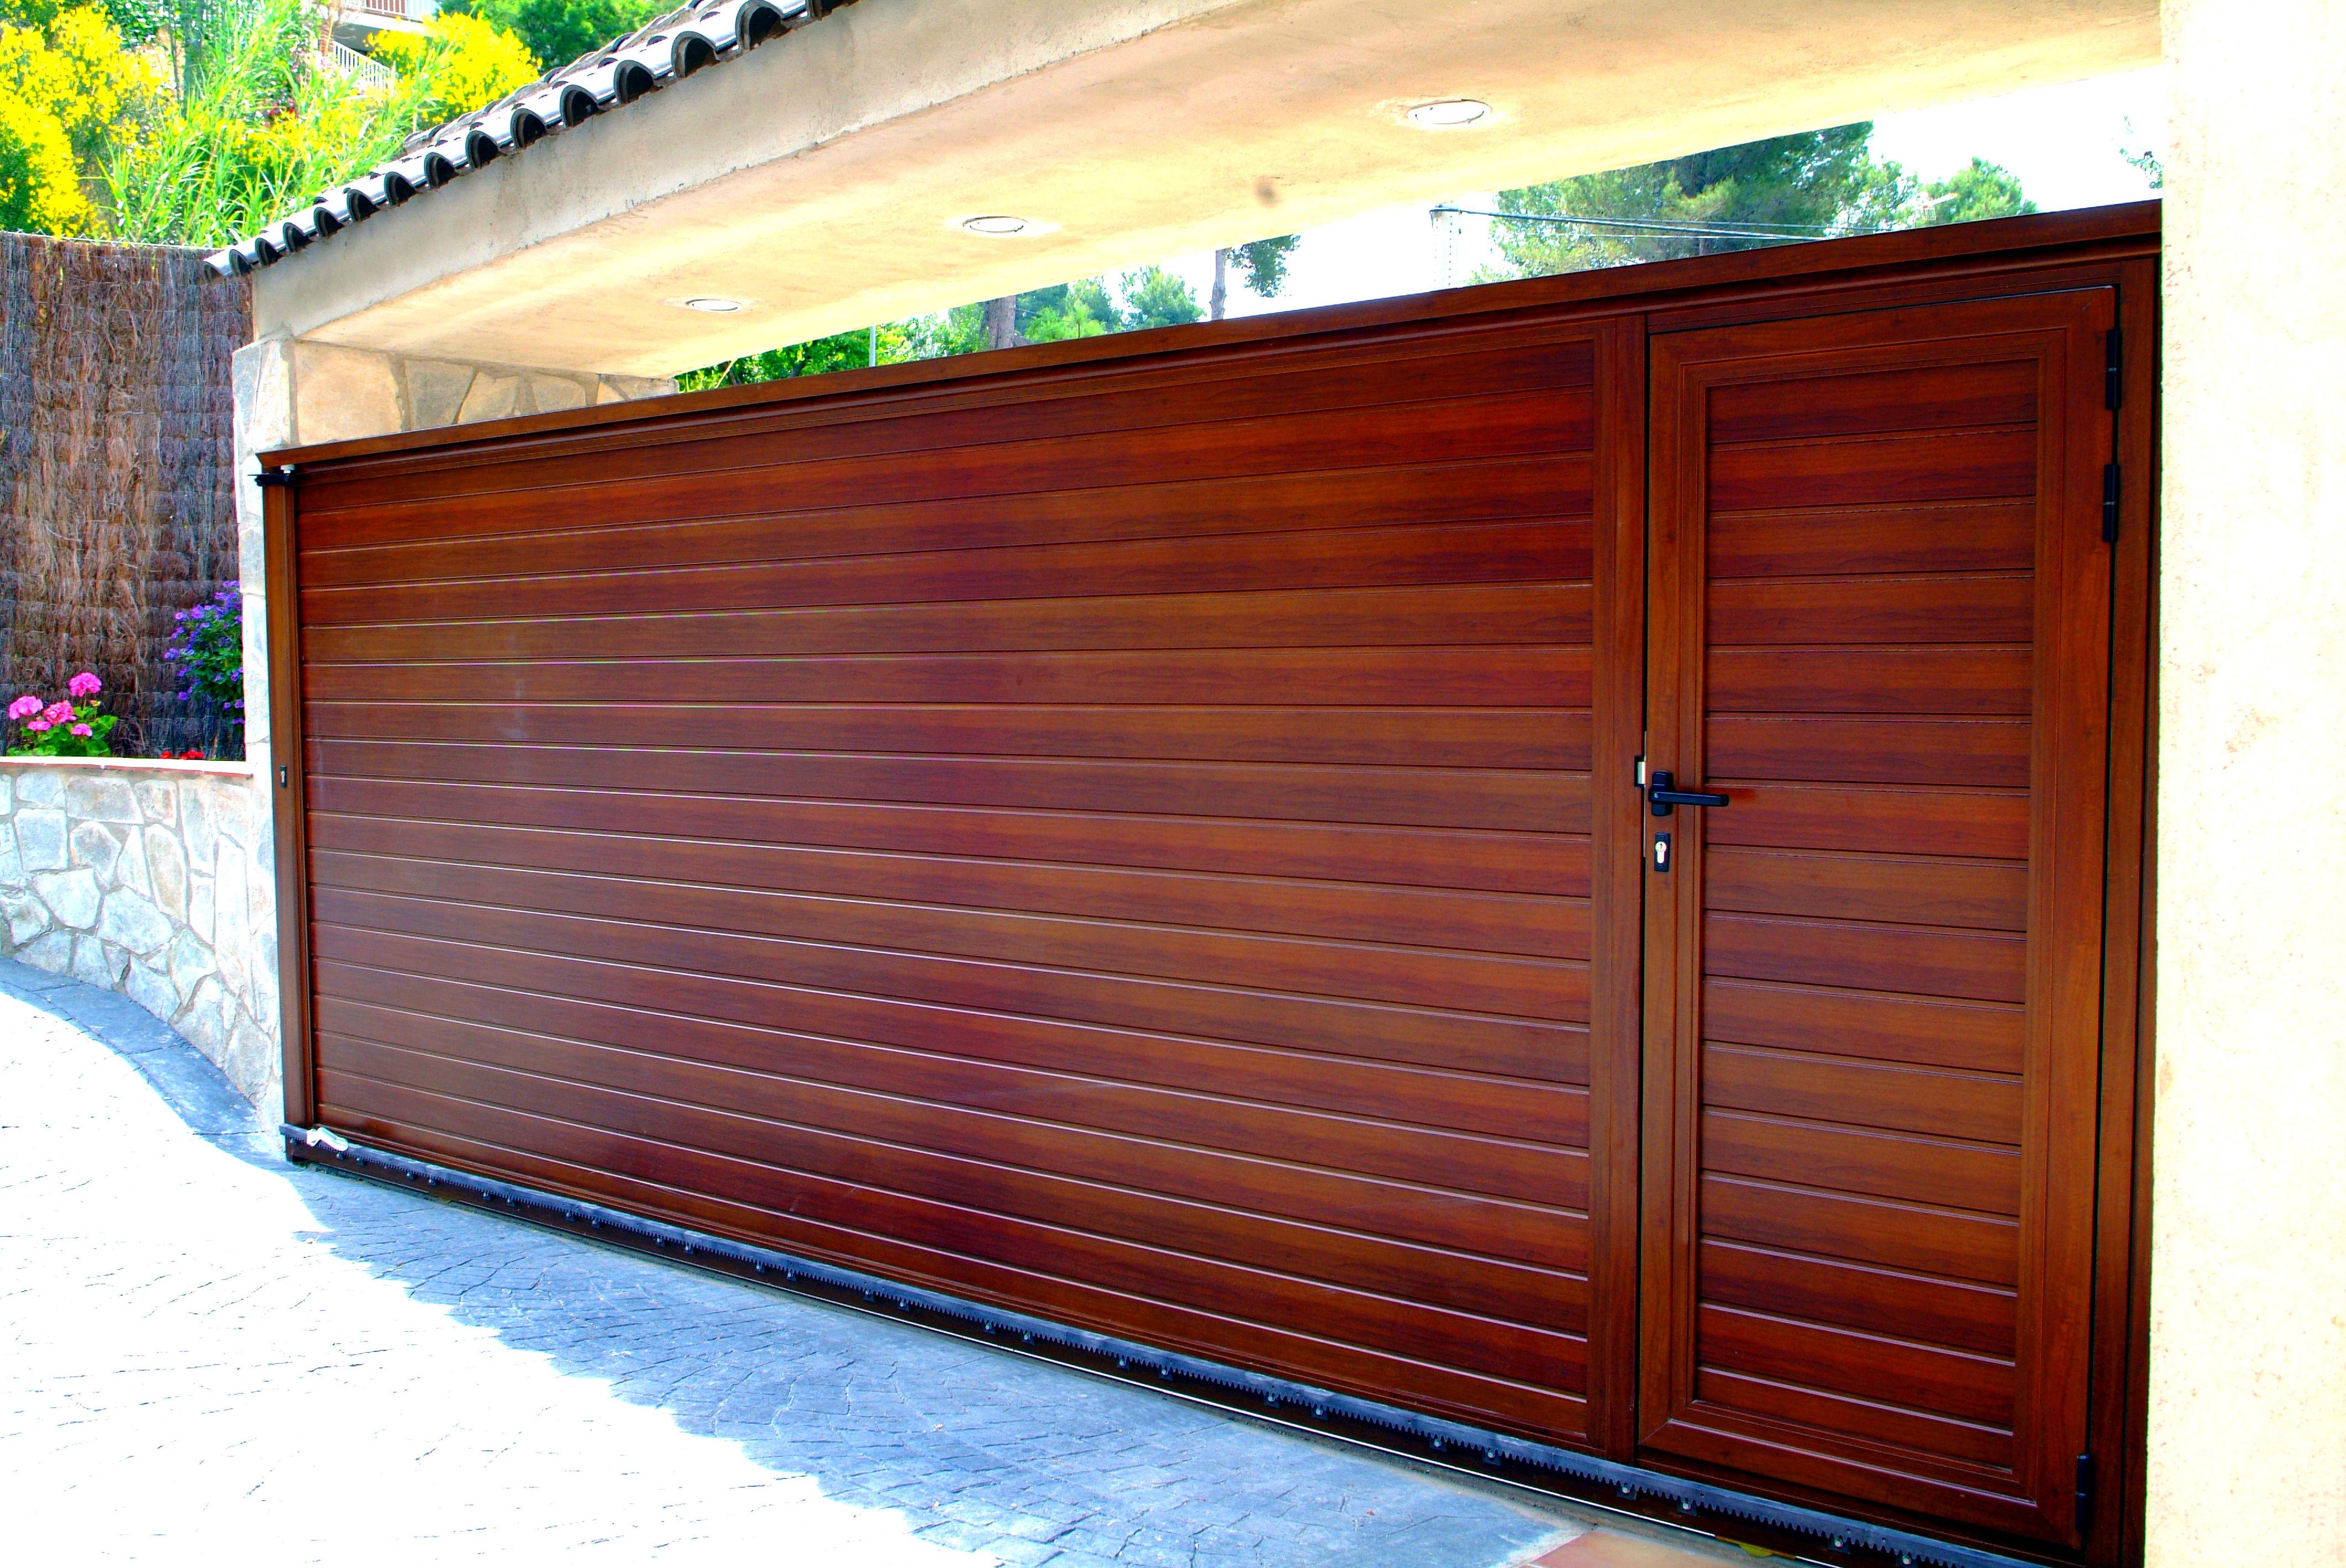 Puerta corredera de aluminio imitación madera con puerta peatonal incorporada